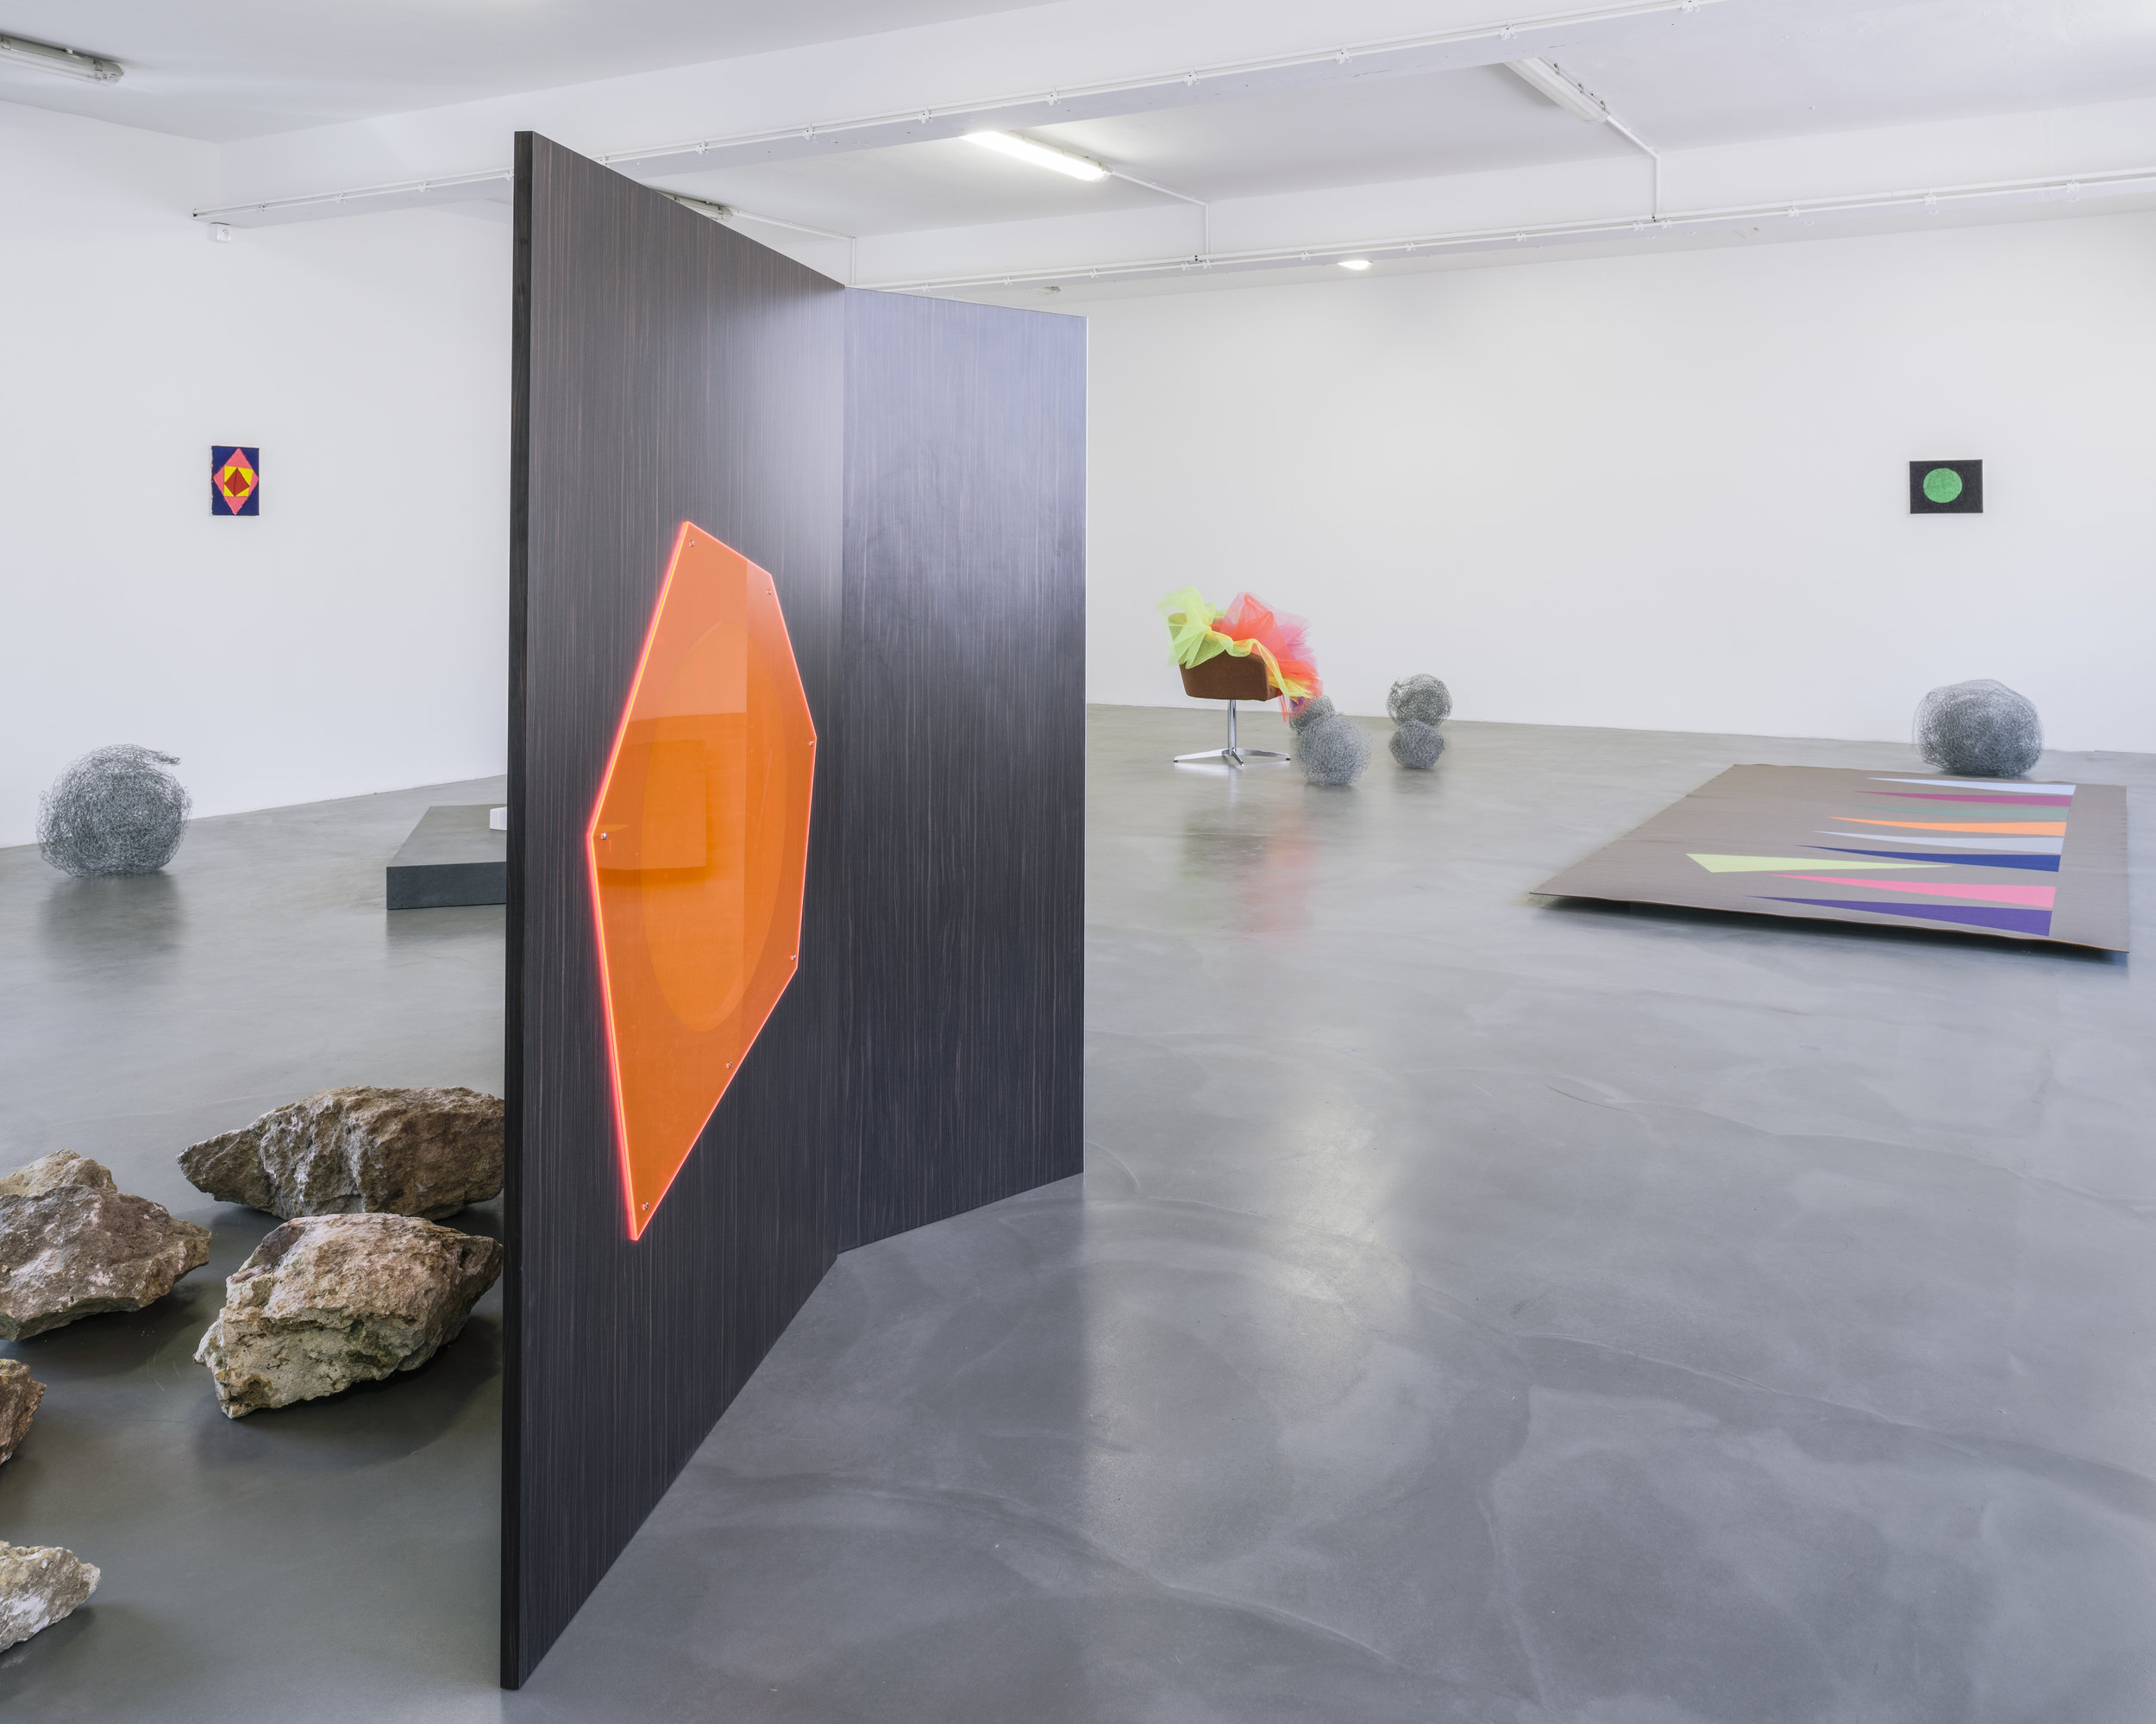 Vue d'exposition : Delphine Coindet,  Ventile , 2018 © Le Portique centre régional d'art contemporain du Havre, 2018